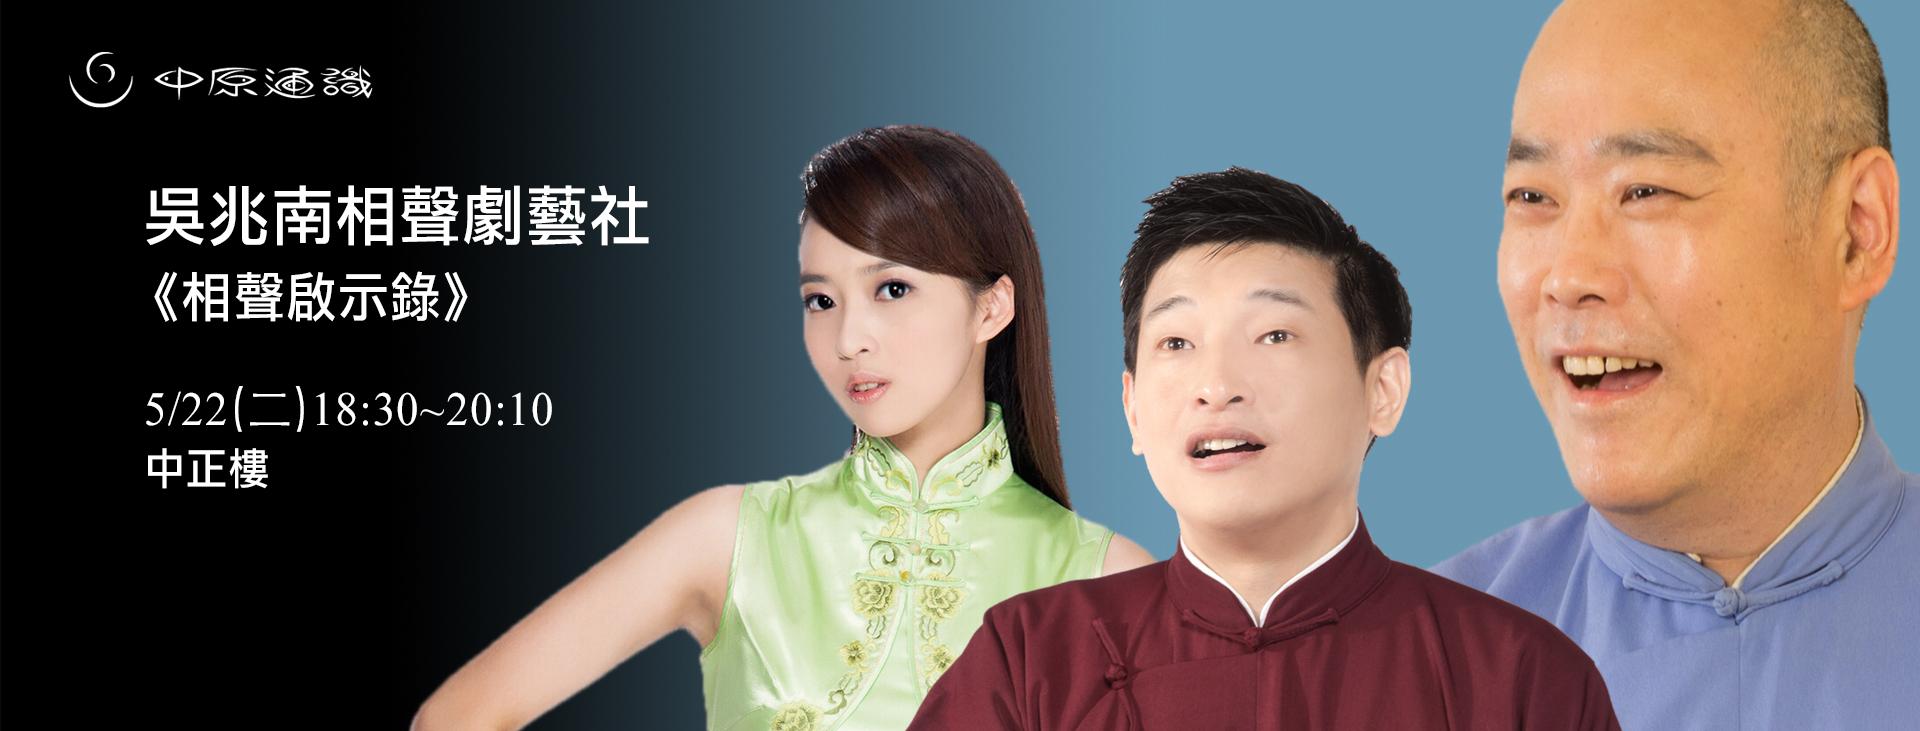 5/22 吳兆南相聲劇藝社《相聲啟示錄》